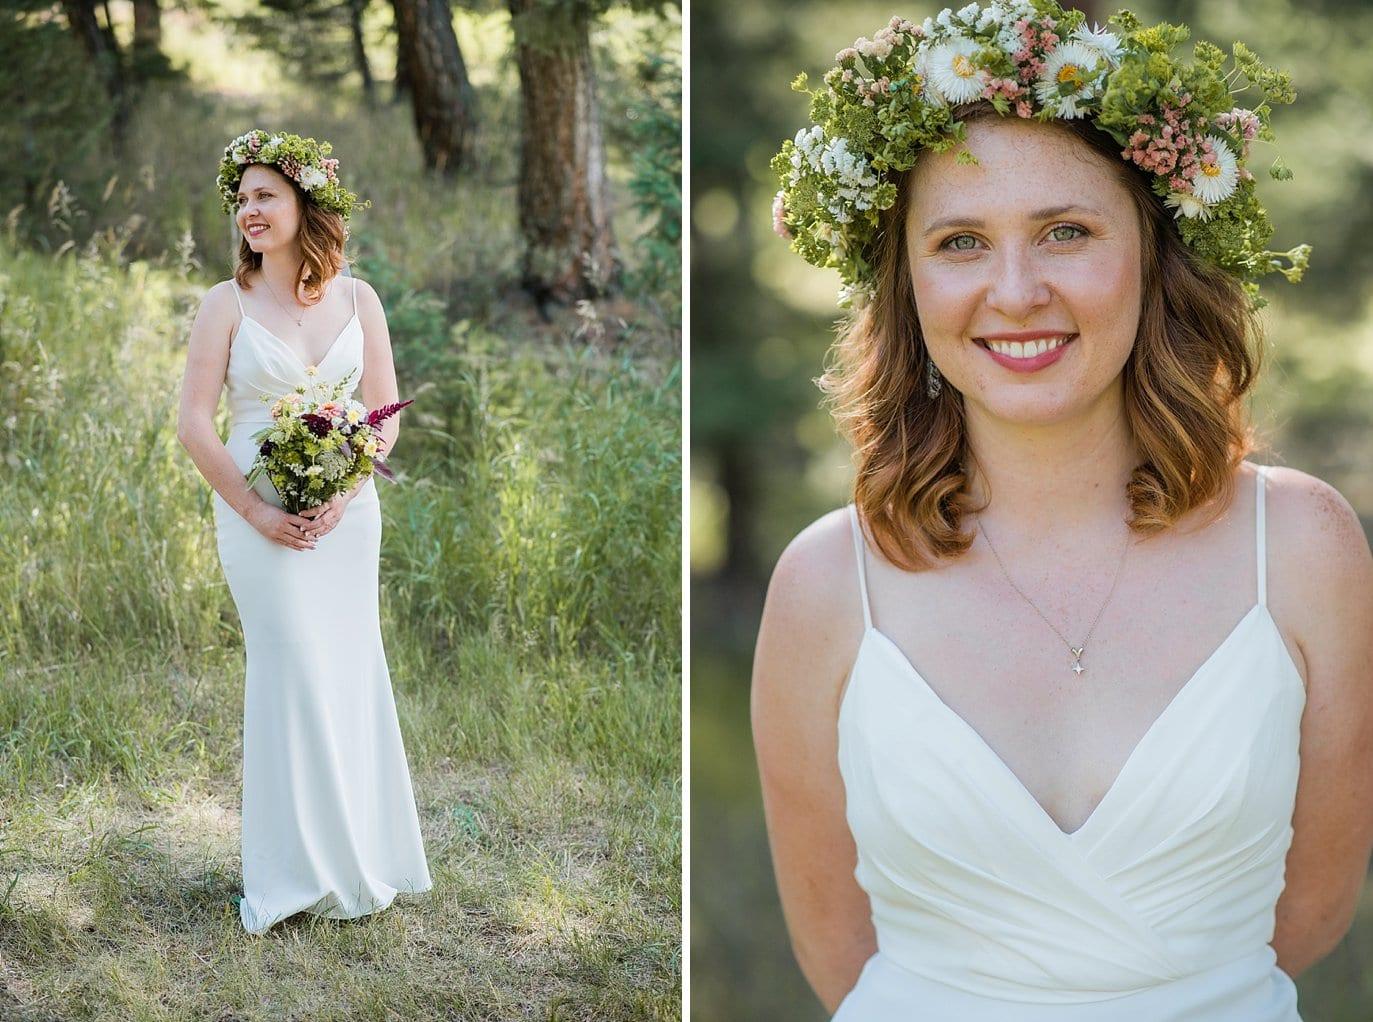 bride in BHLDN wedding dress with wildflower flower crown photo